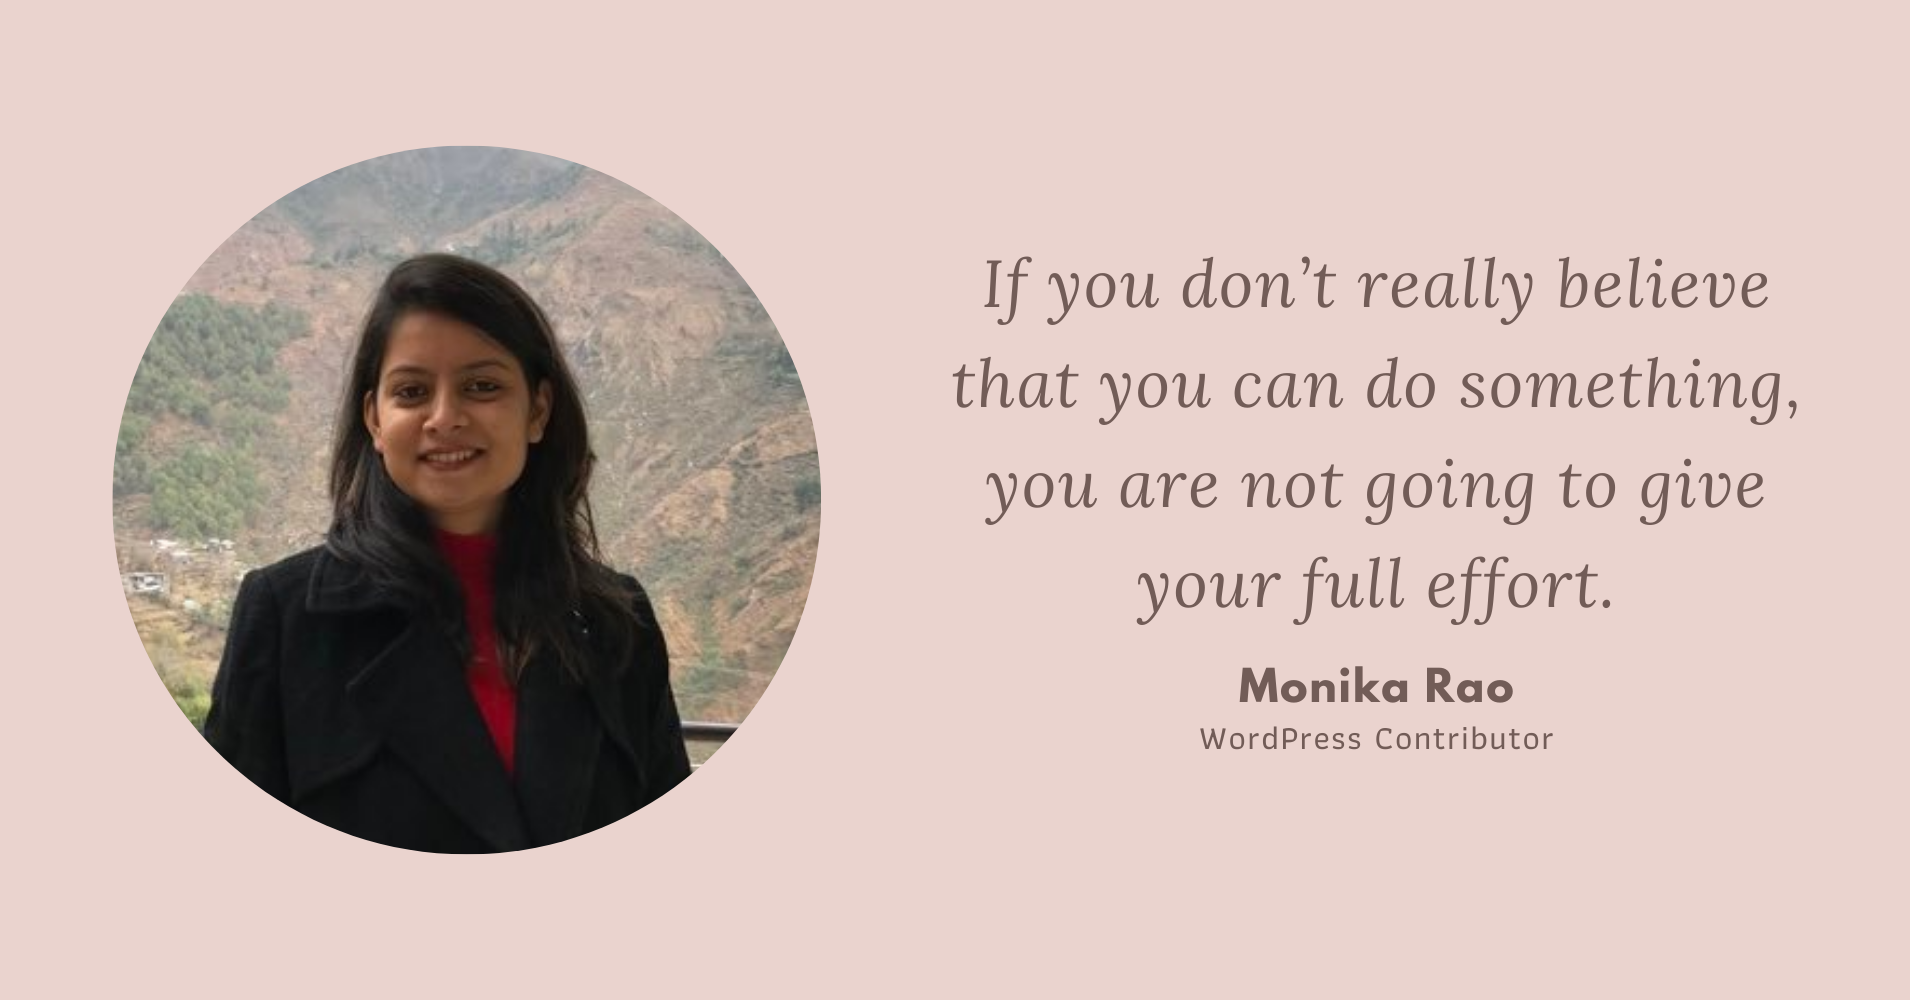 Amazing Women in WordPress - Monika Rao